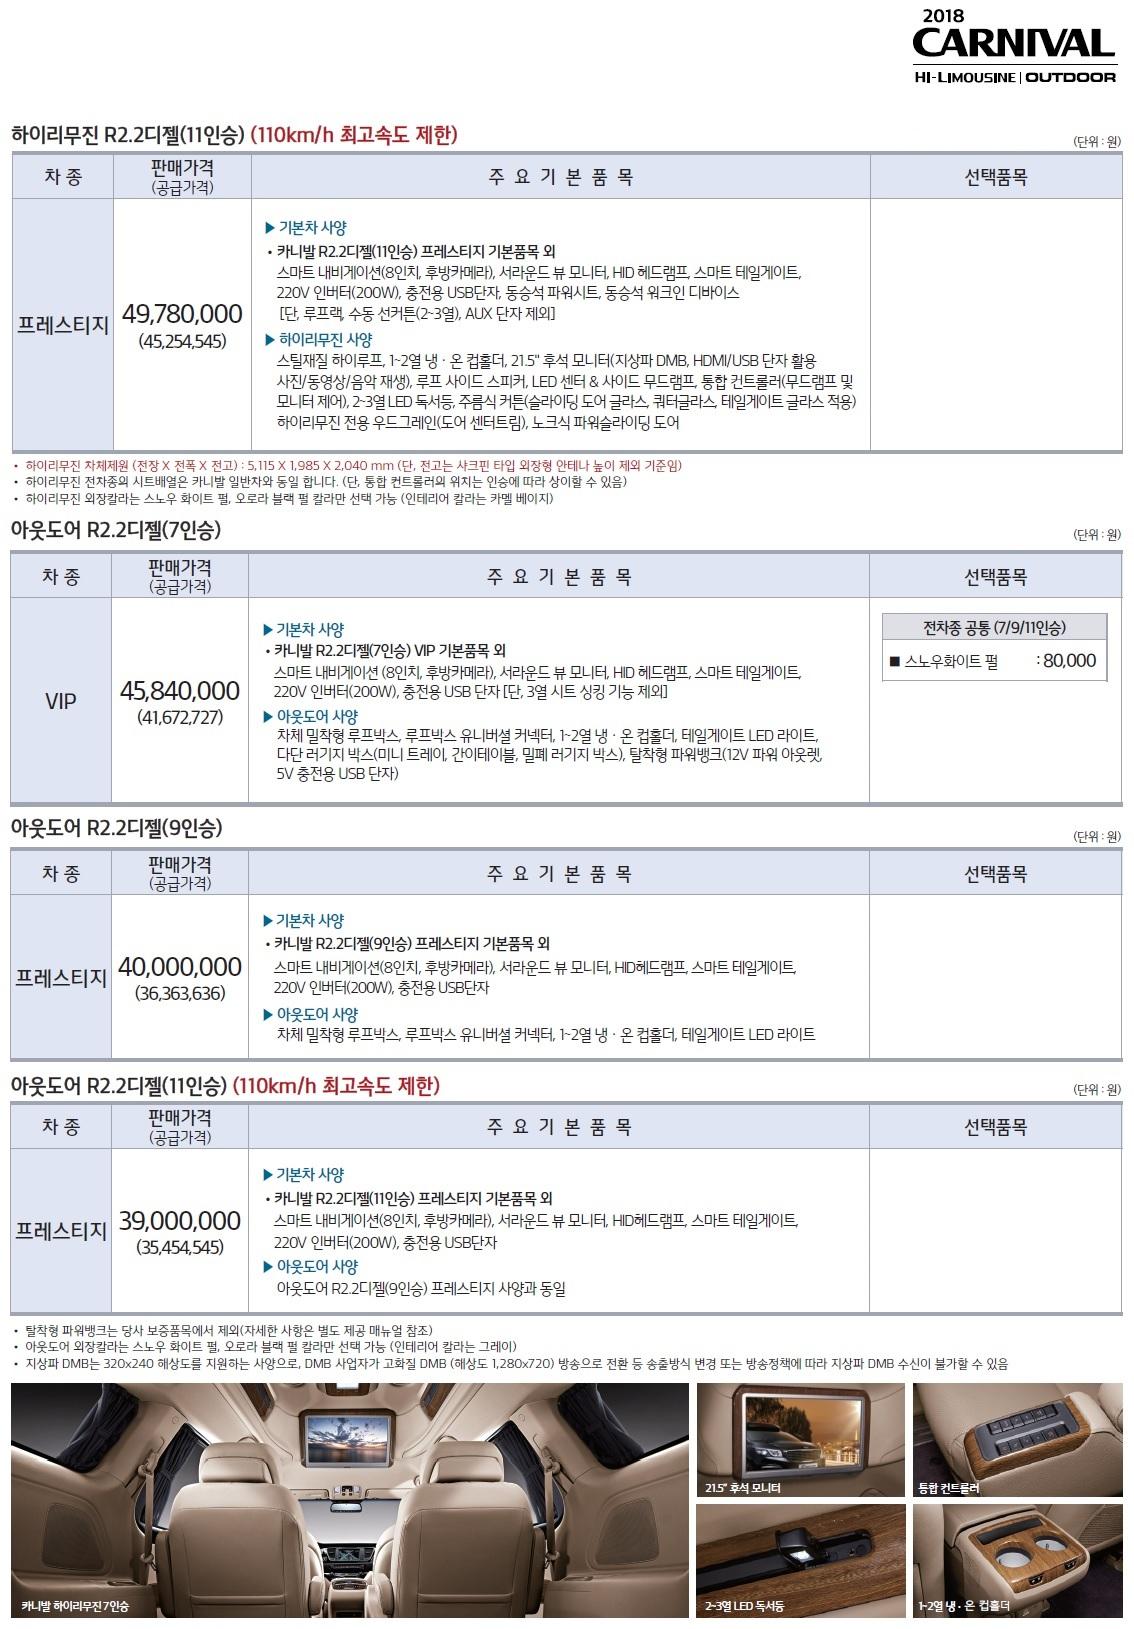 올뉴 카니발 하이리무진,아웃도어 가격표 - 2018년 03월 -3.jpg